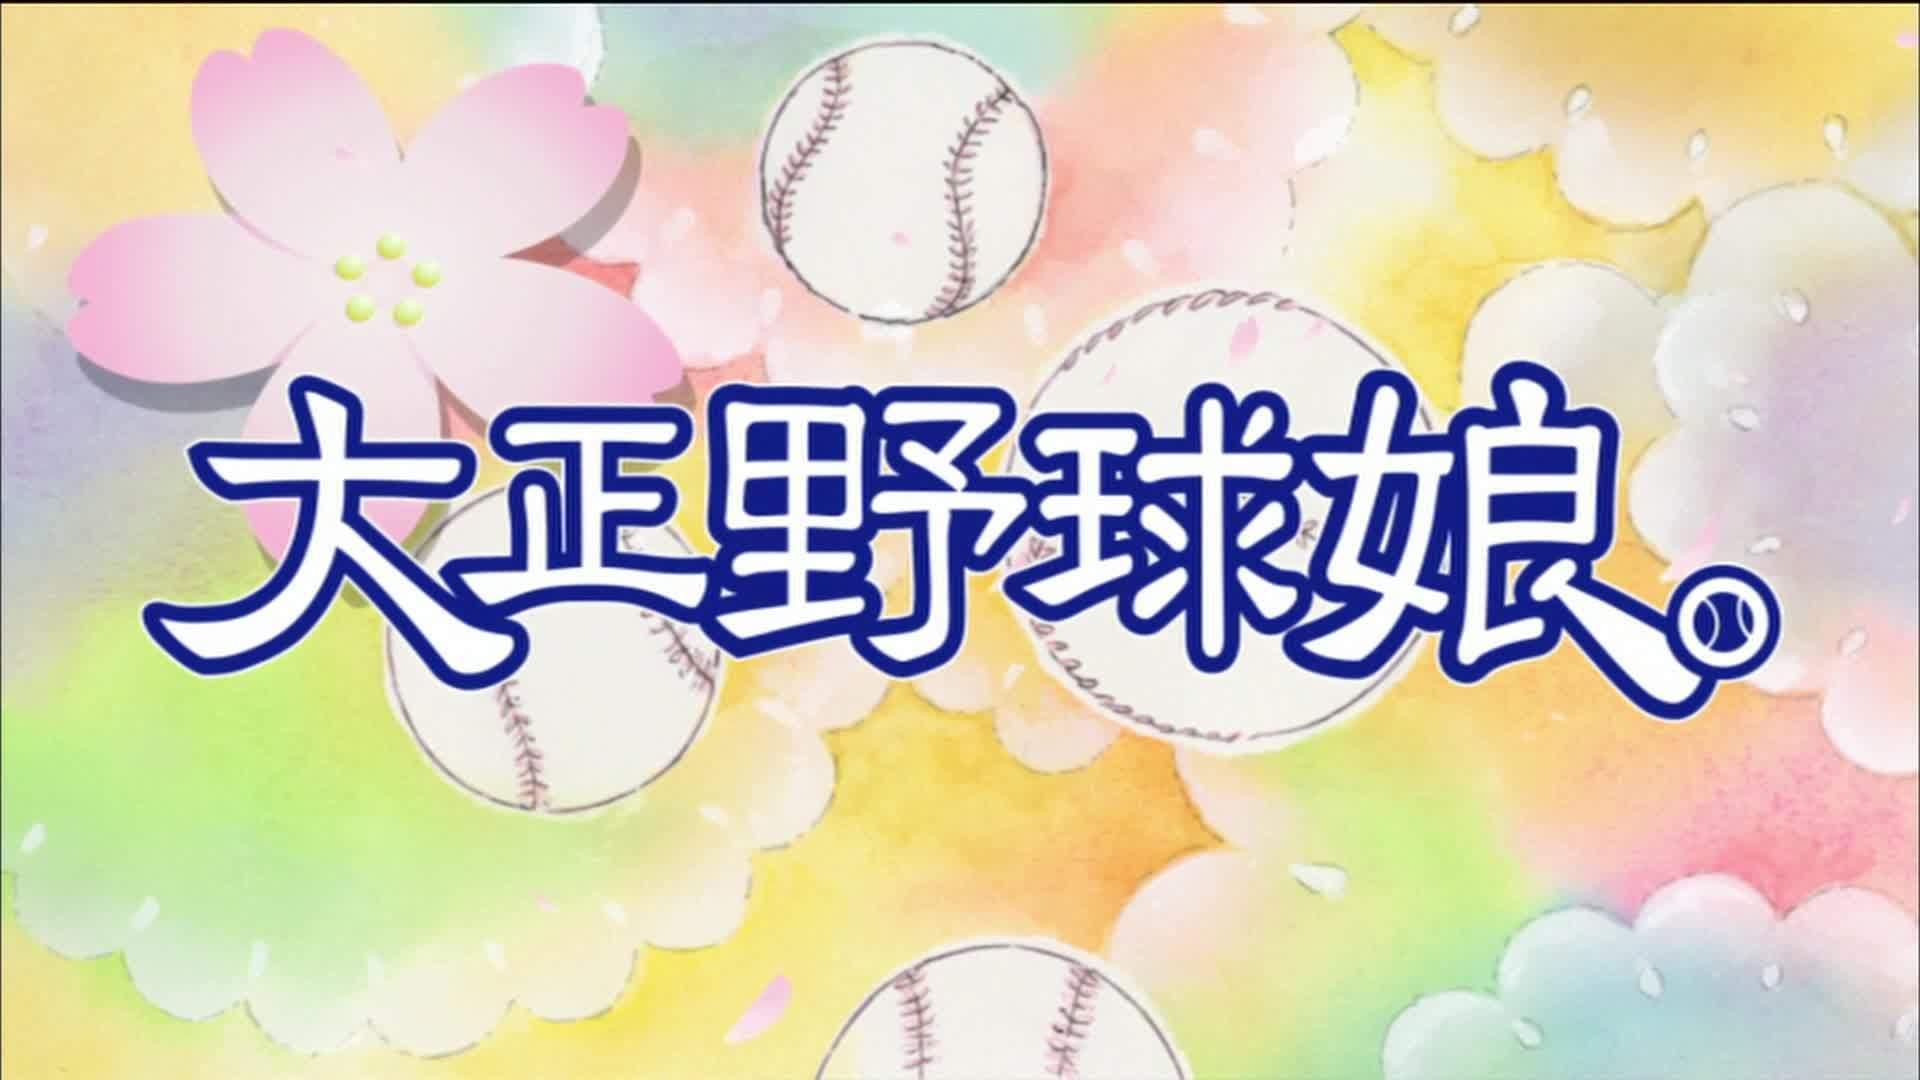 Anime Taishou Yakyuu Musume